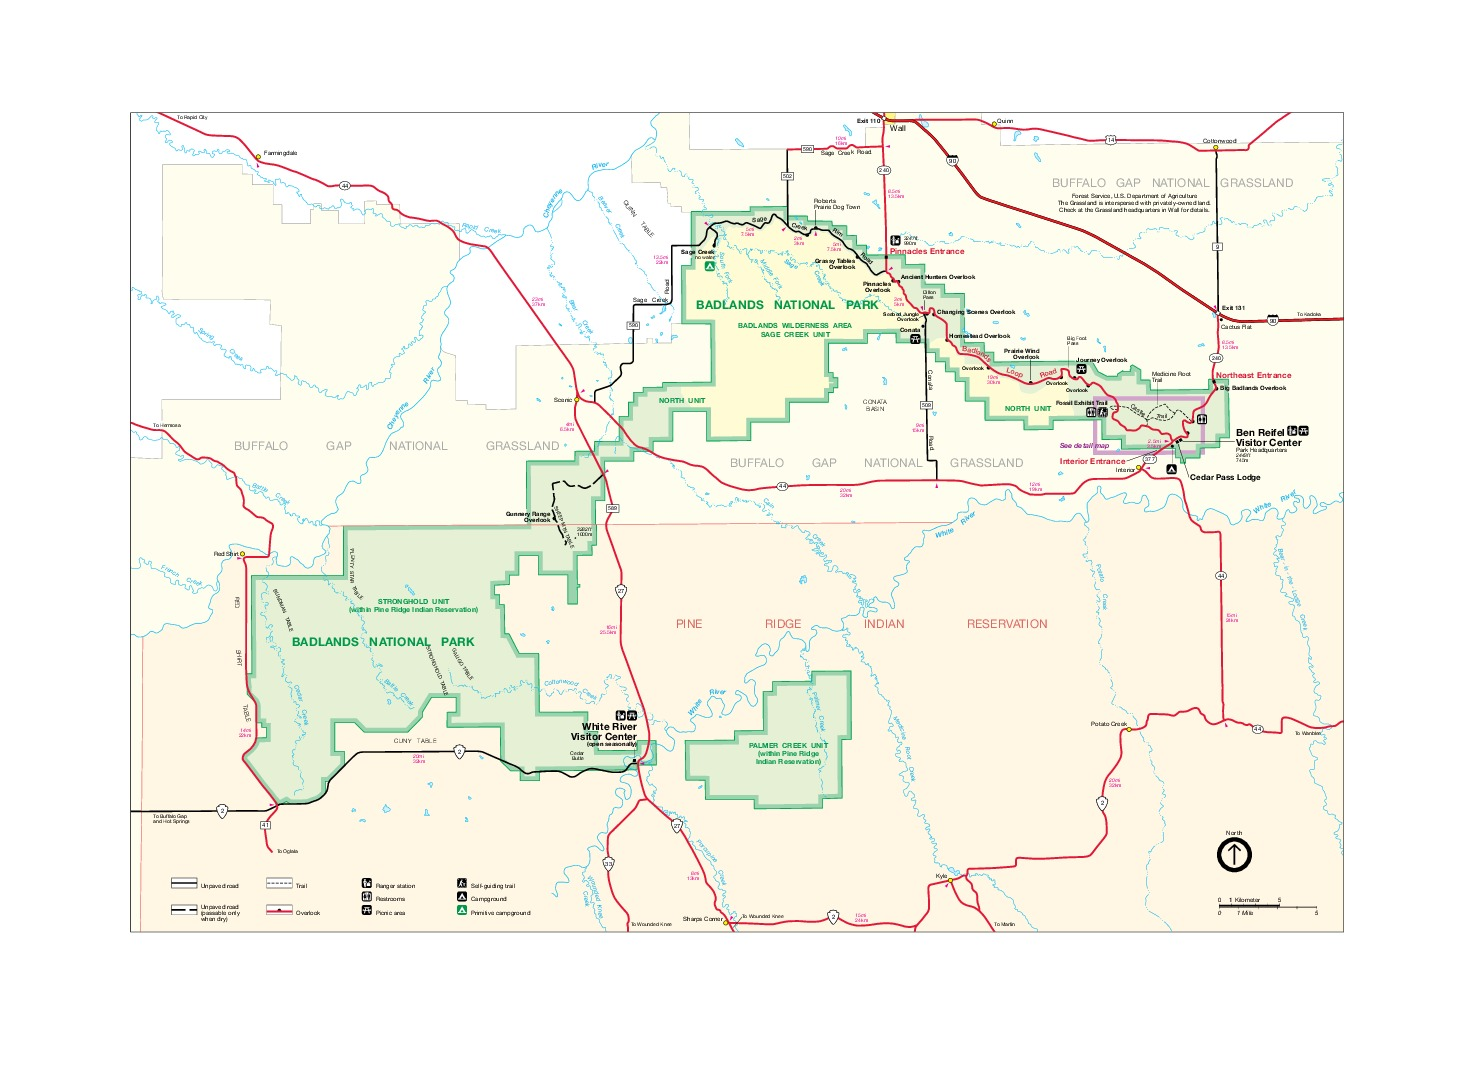 Mapa del Parque Nacional los Badlands, Dakota del Sur, Estados Unidos